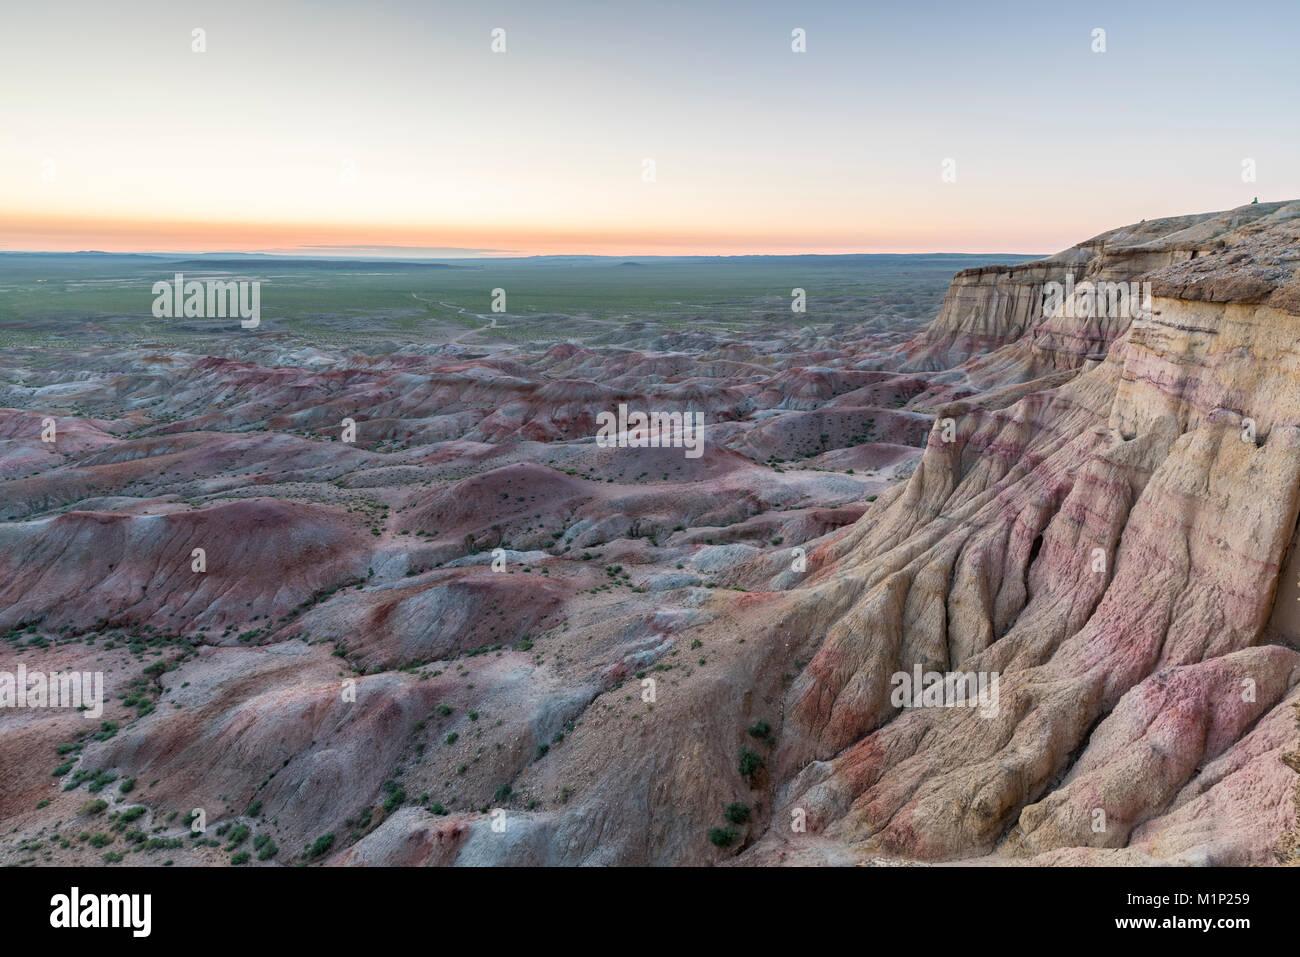 Stupa bianchi formazioni rocciose sedimentarie al crepuscolo, Ulziit, Medio provincia Gobi, Mongolia, Asia Centrale, Asia Foto Stock